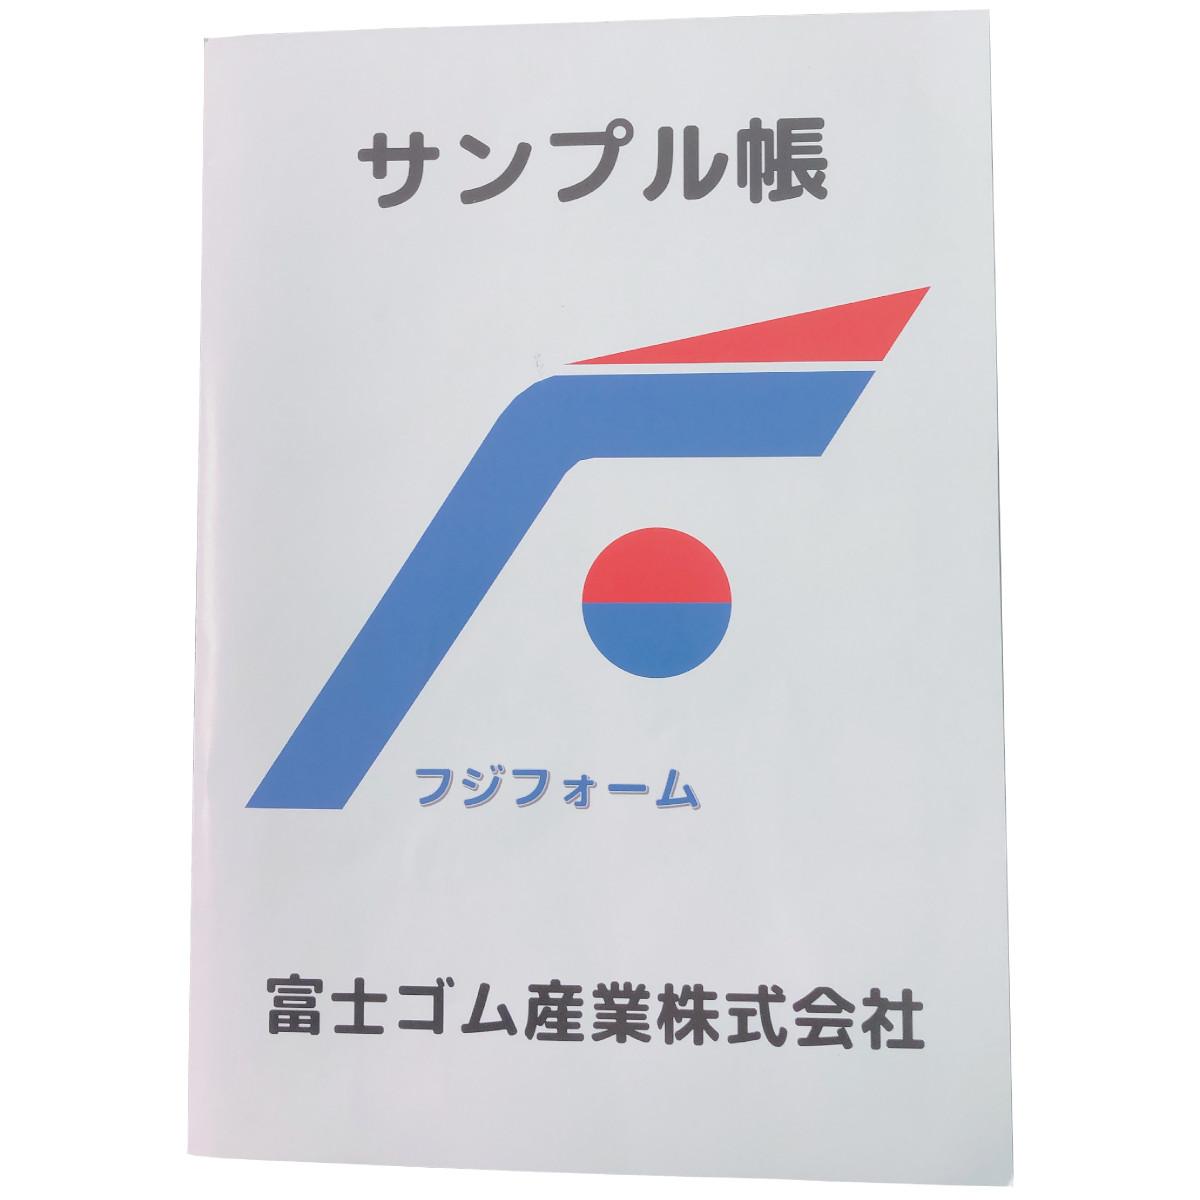 サンプル帳main.jpg